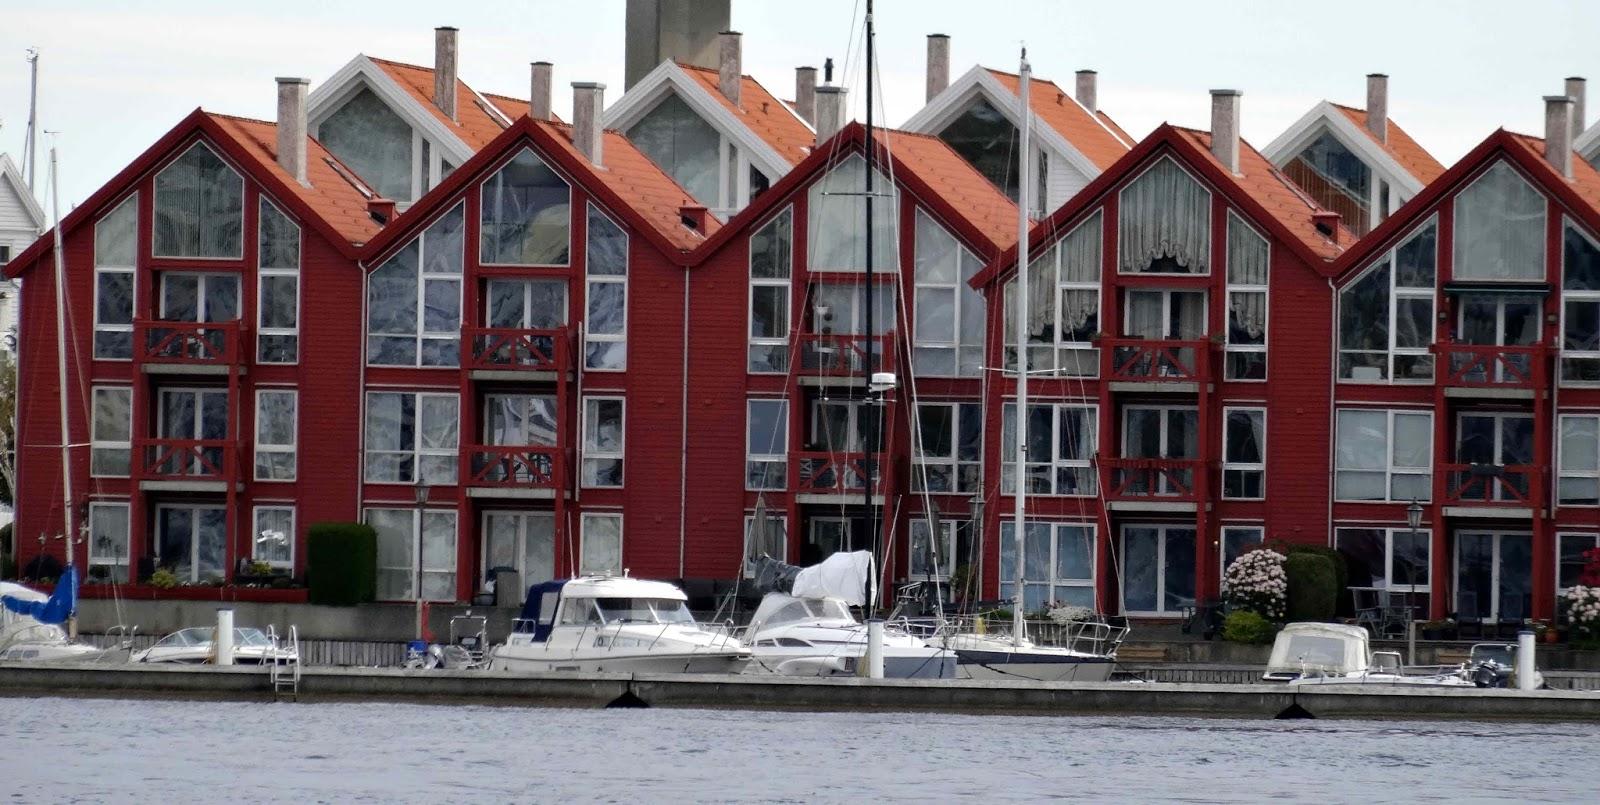 Gute Ausreden norwegen 2015 gute ausreden